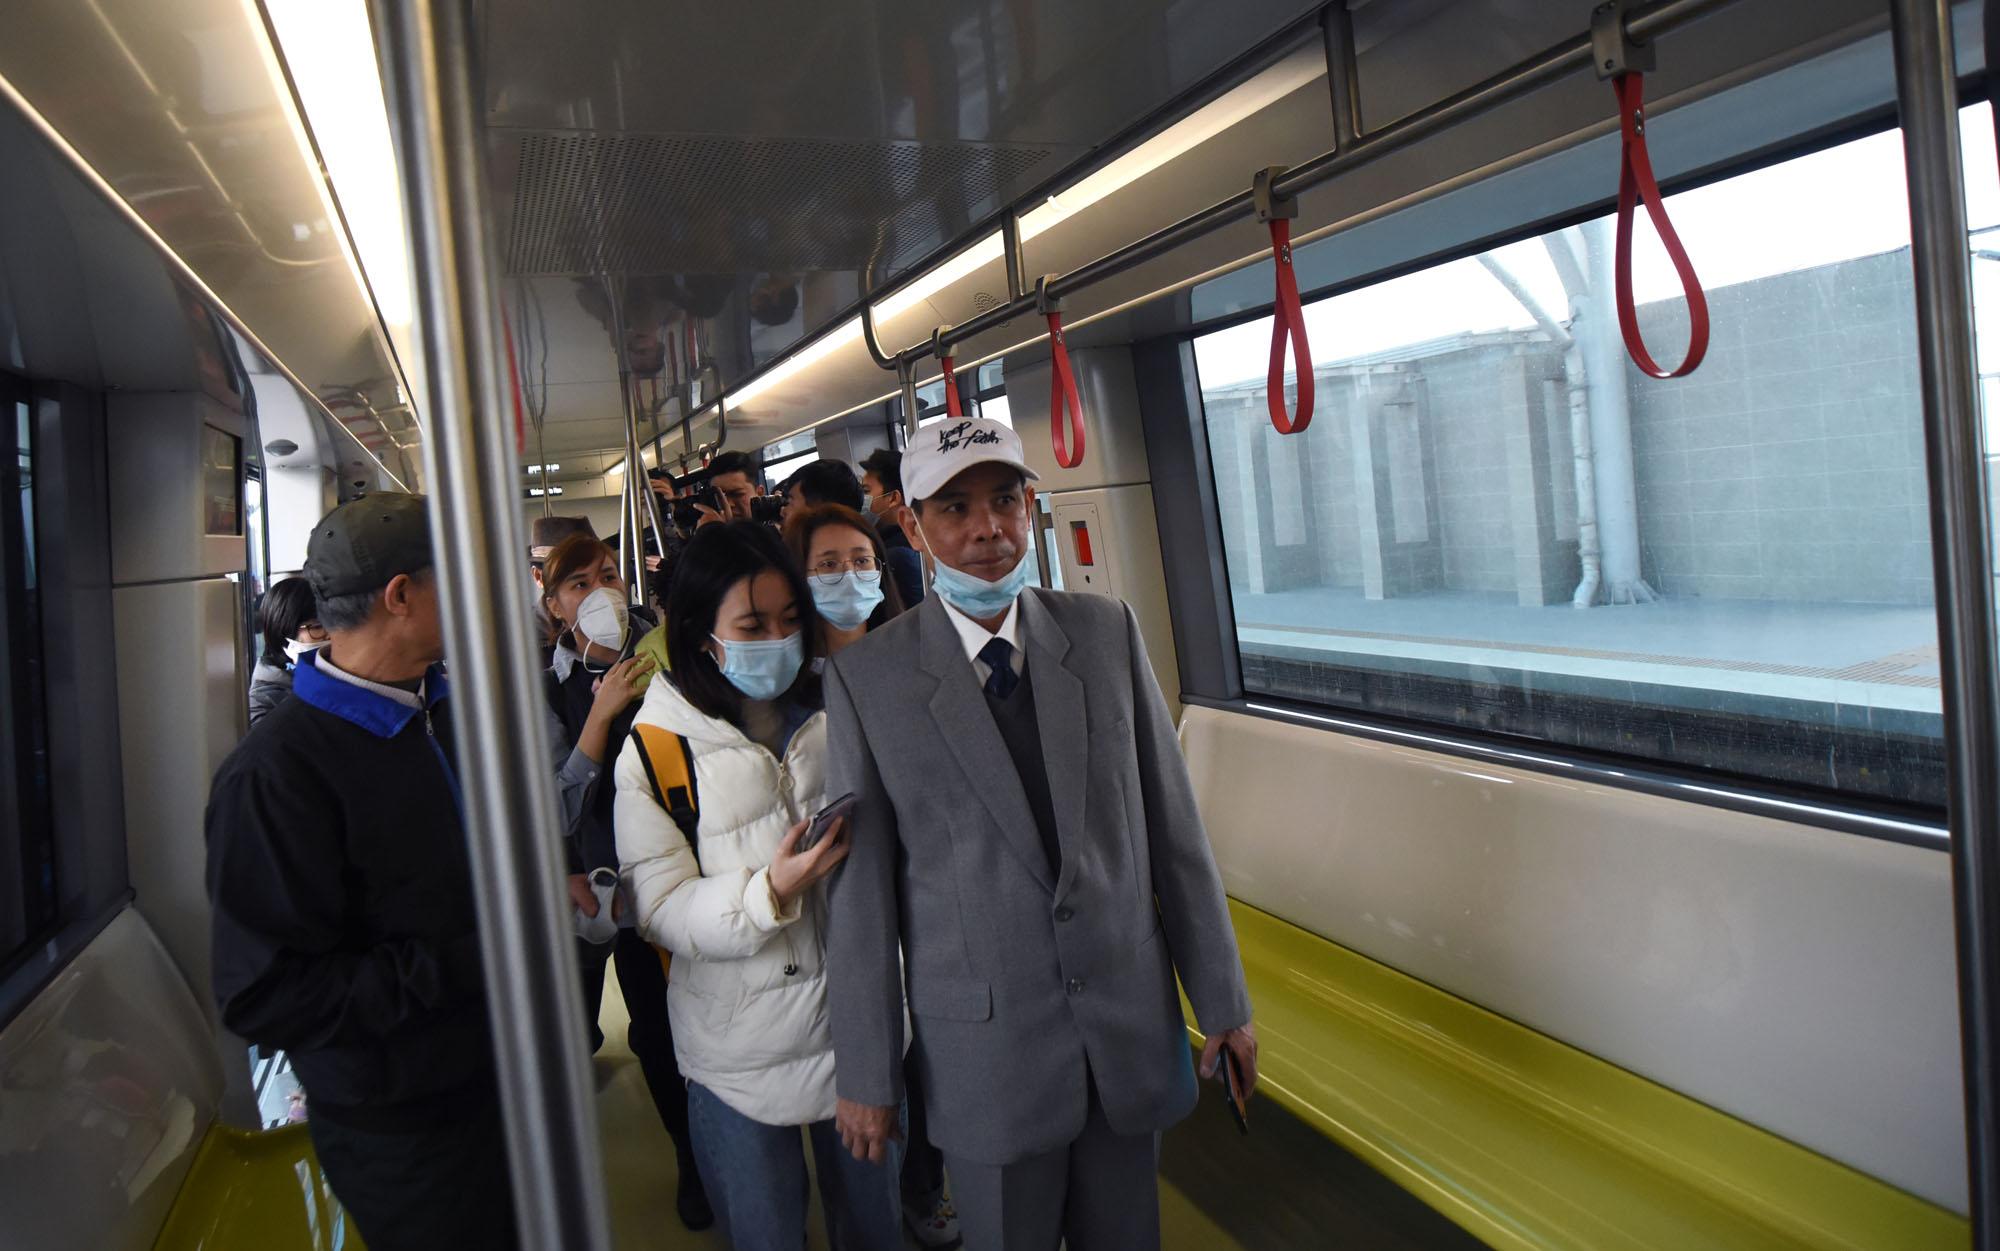 Cận cảnh đoàn tàu của tuyến đường sắt Nhổn - ga Hà Nội - Ảnh 12.